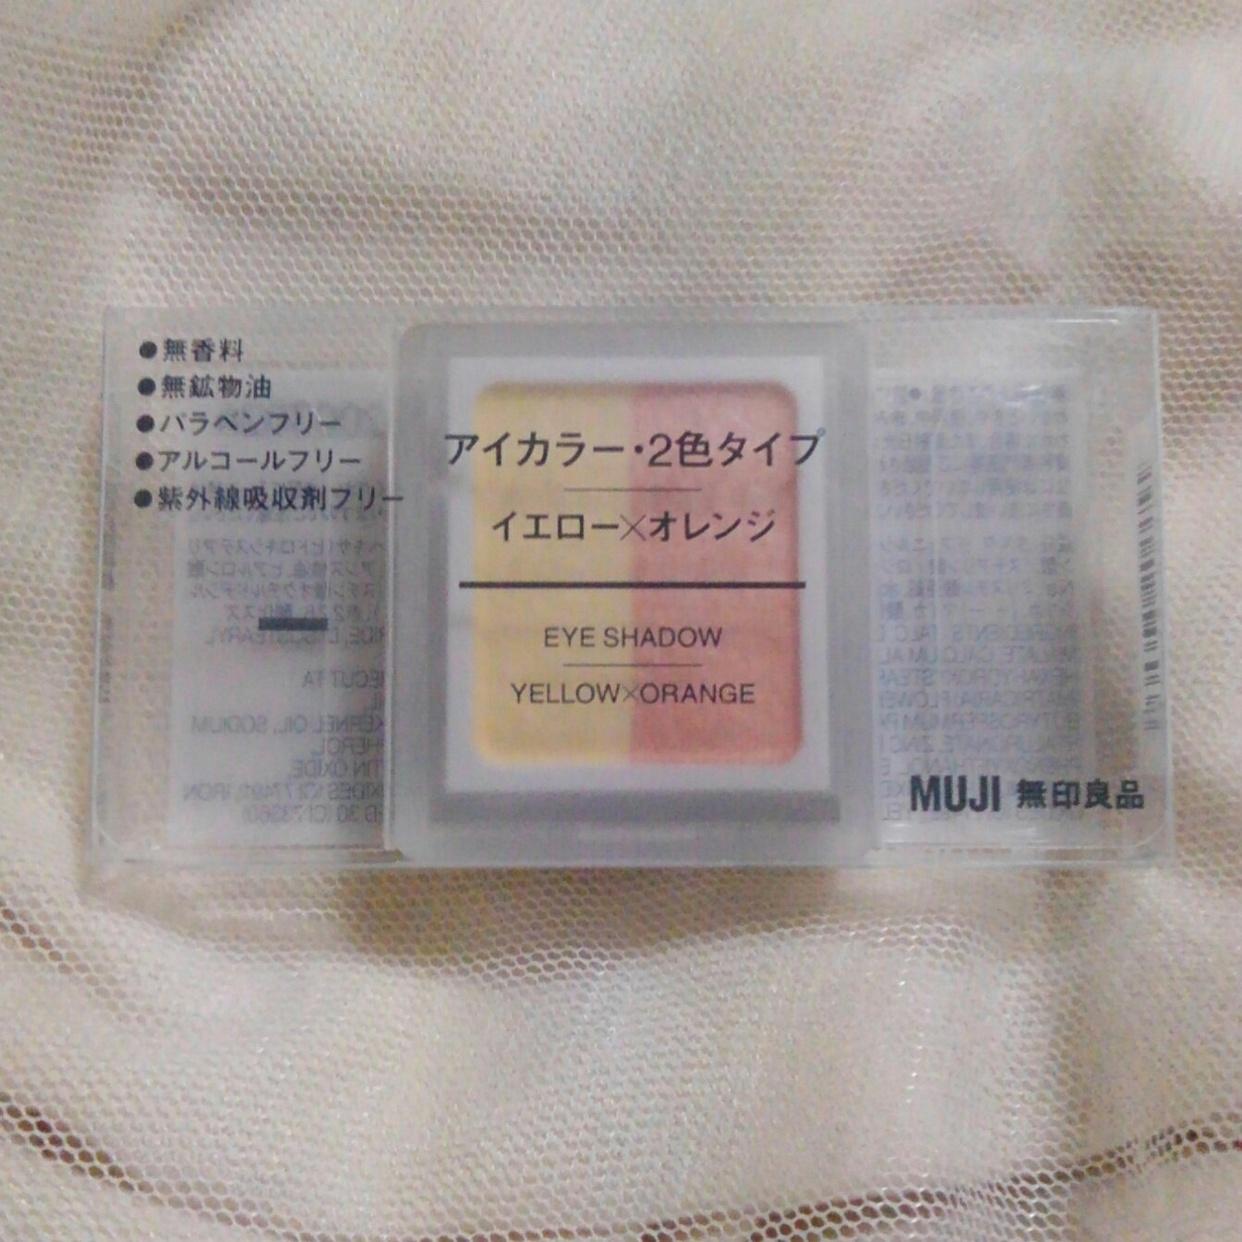 無印良品(MUJI) アイカラー2色タイプを使ったバドママ*さんのクチコミ画像1